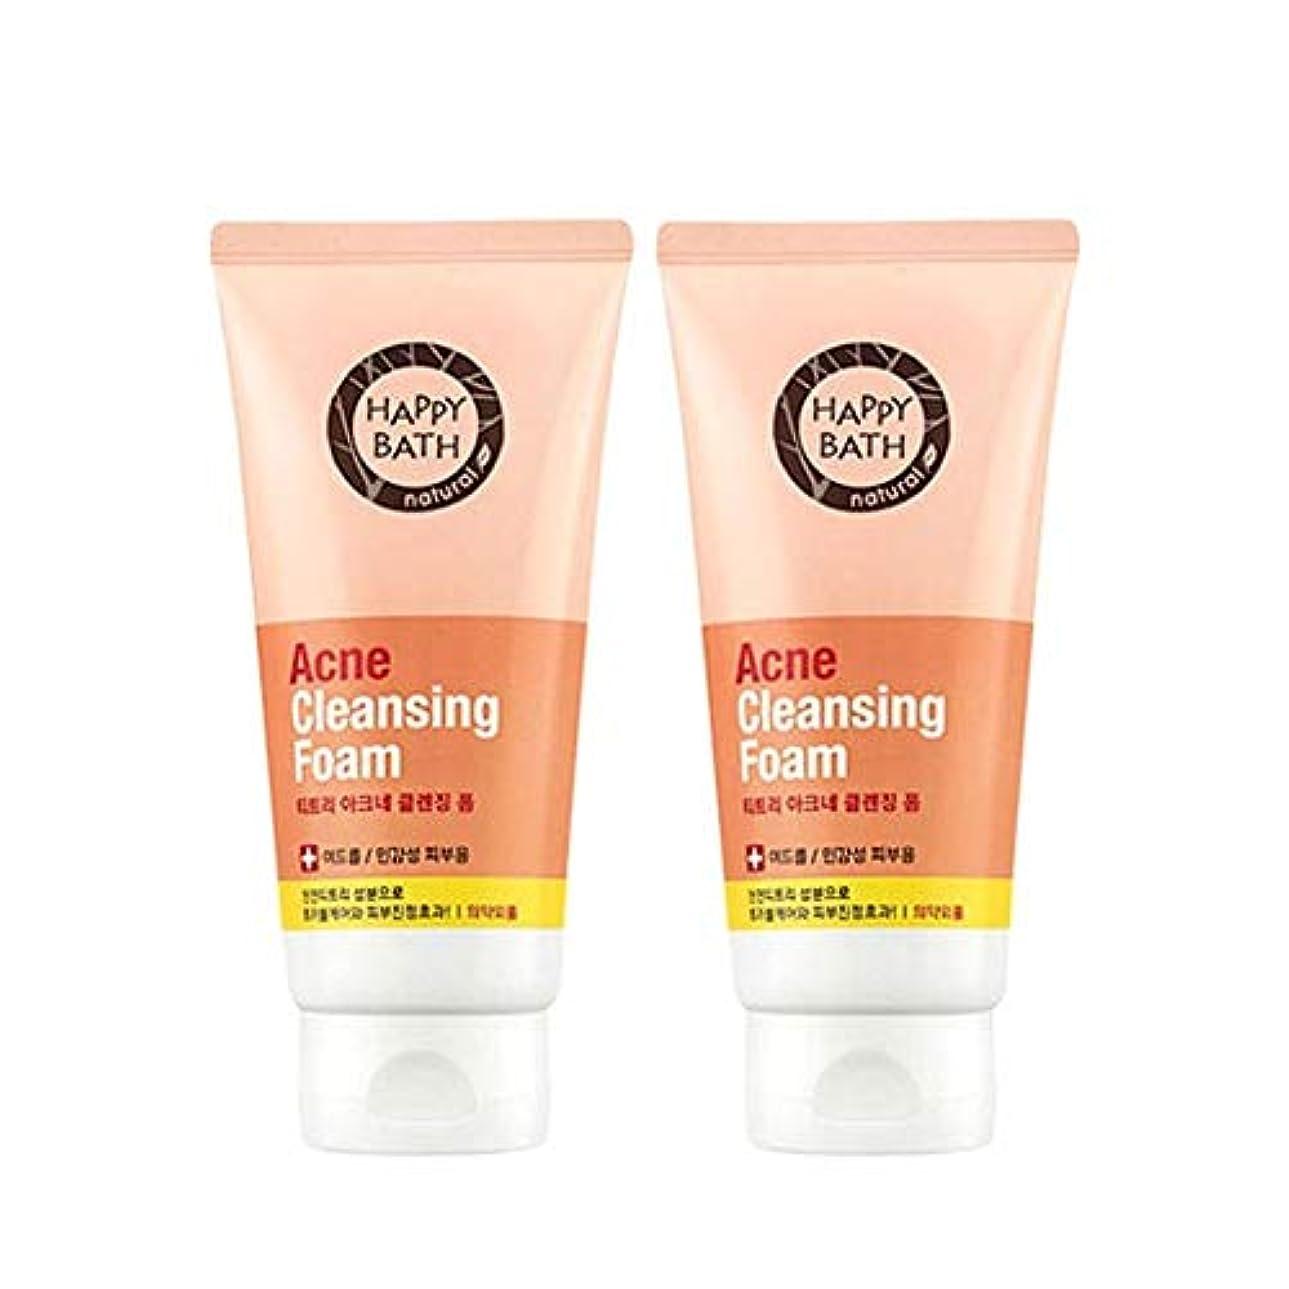 お酢潮機関車ハッピーバスティーツリーアクネクレンジングフォーム175gx2本セット韓国コスメ、Happy Bath Acne Cleansing Foam 175g x 2ea Set Korean Cosmetics [並行輸入品]